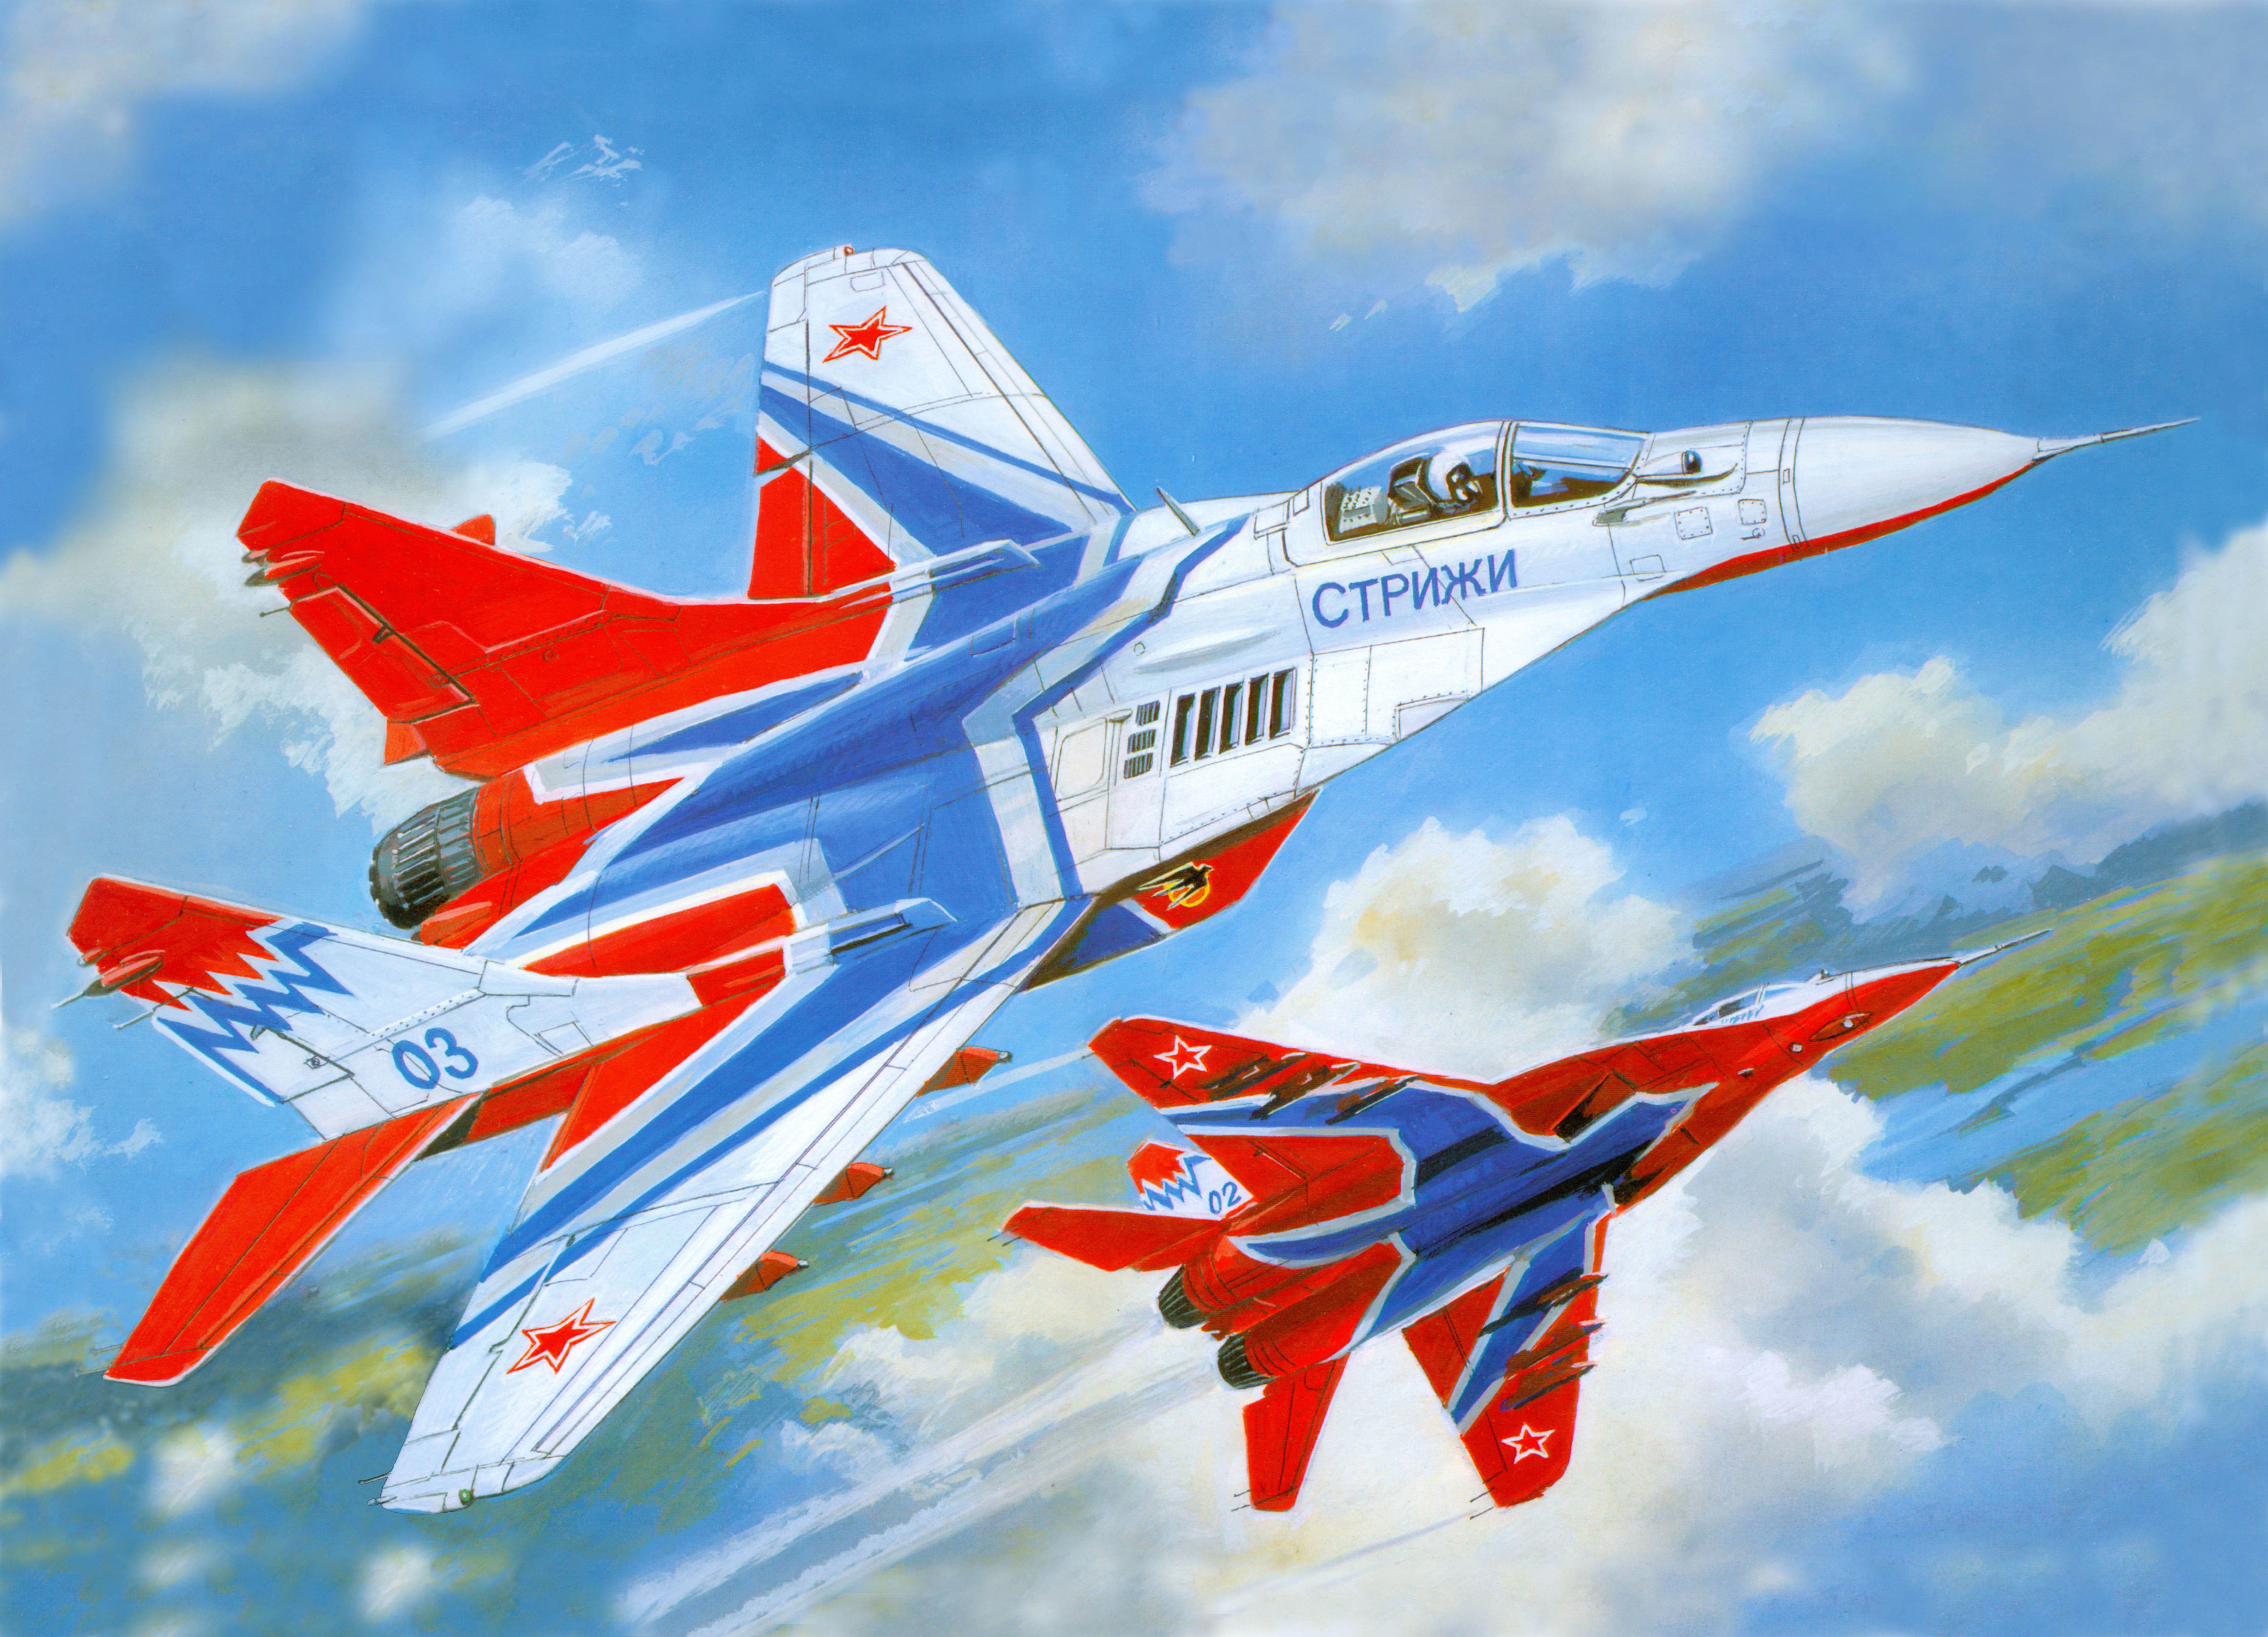 Рисунок пилотажного самол та 4